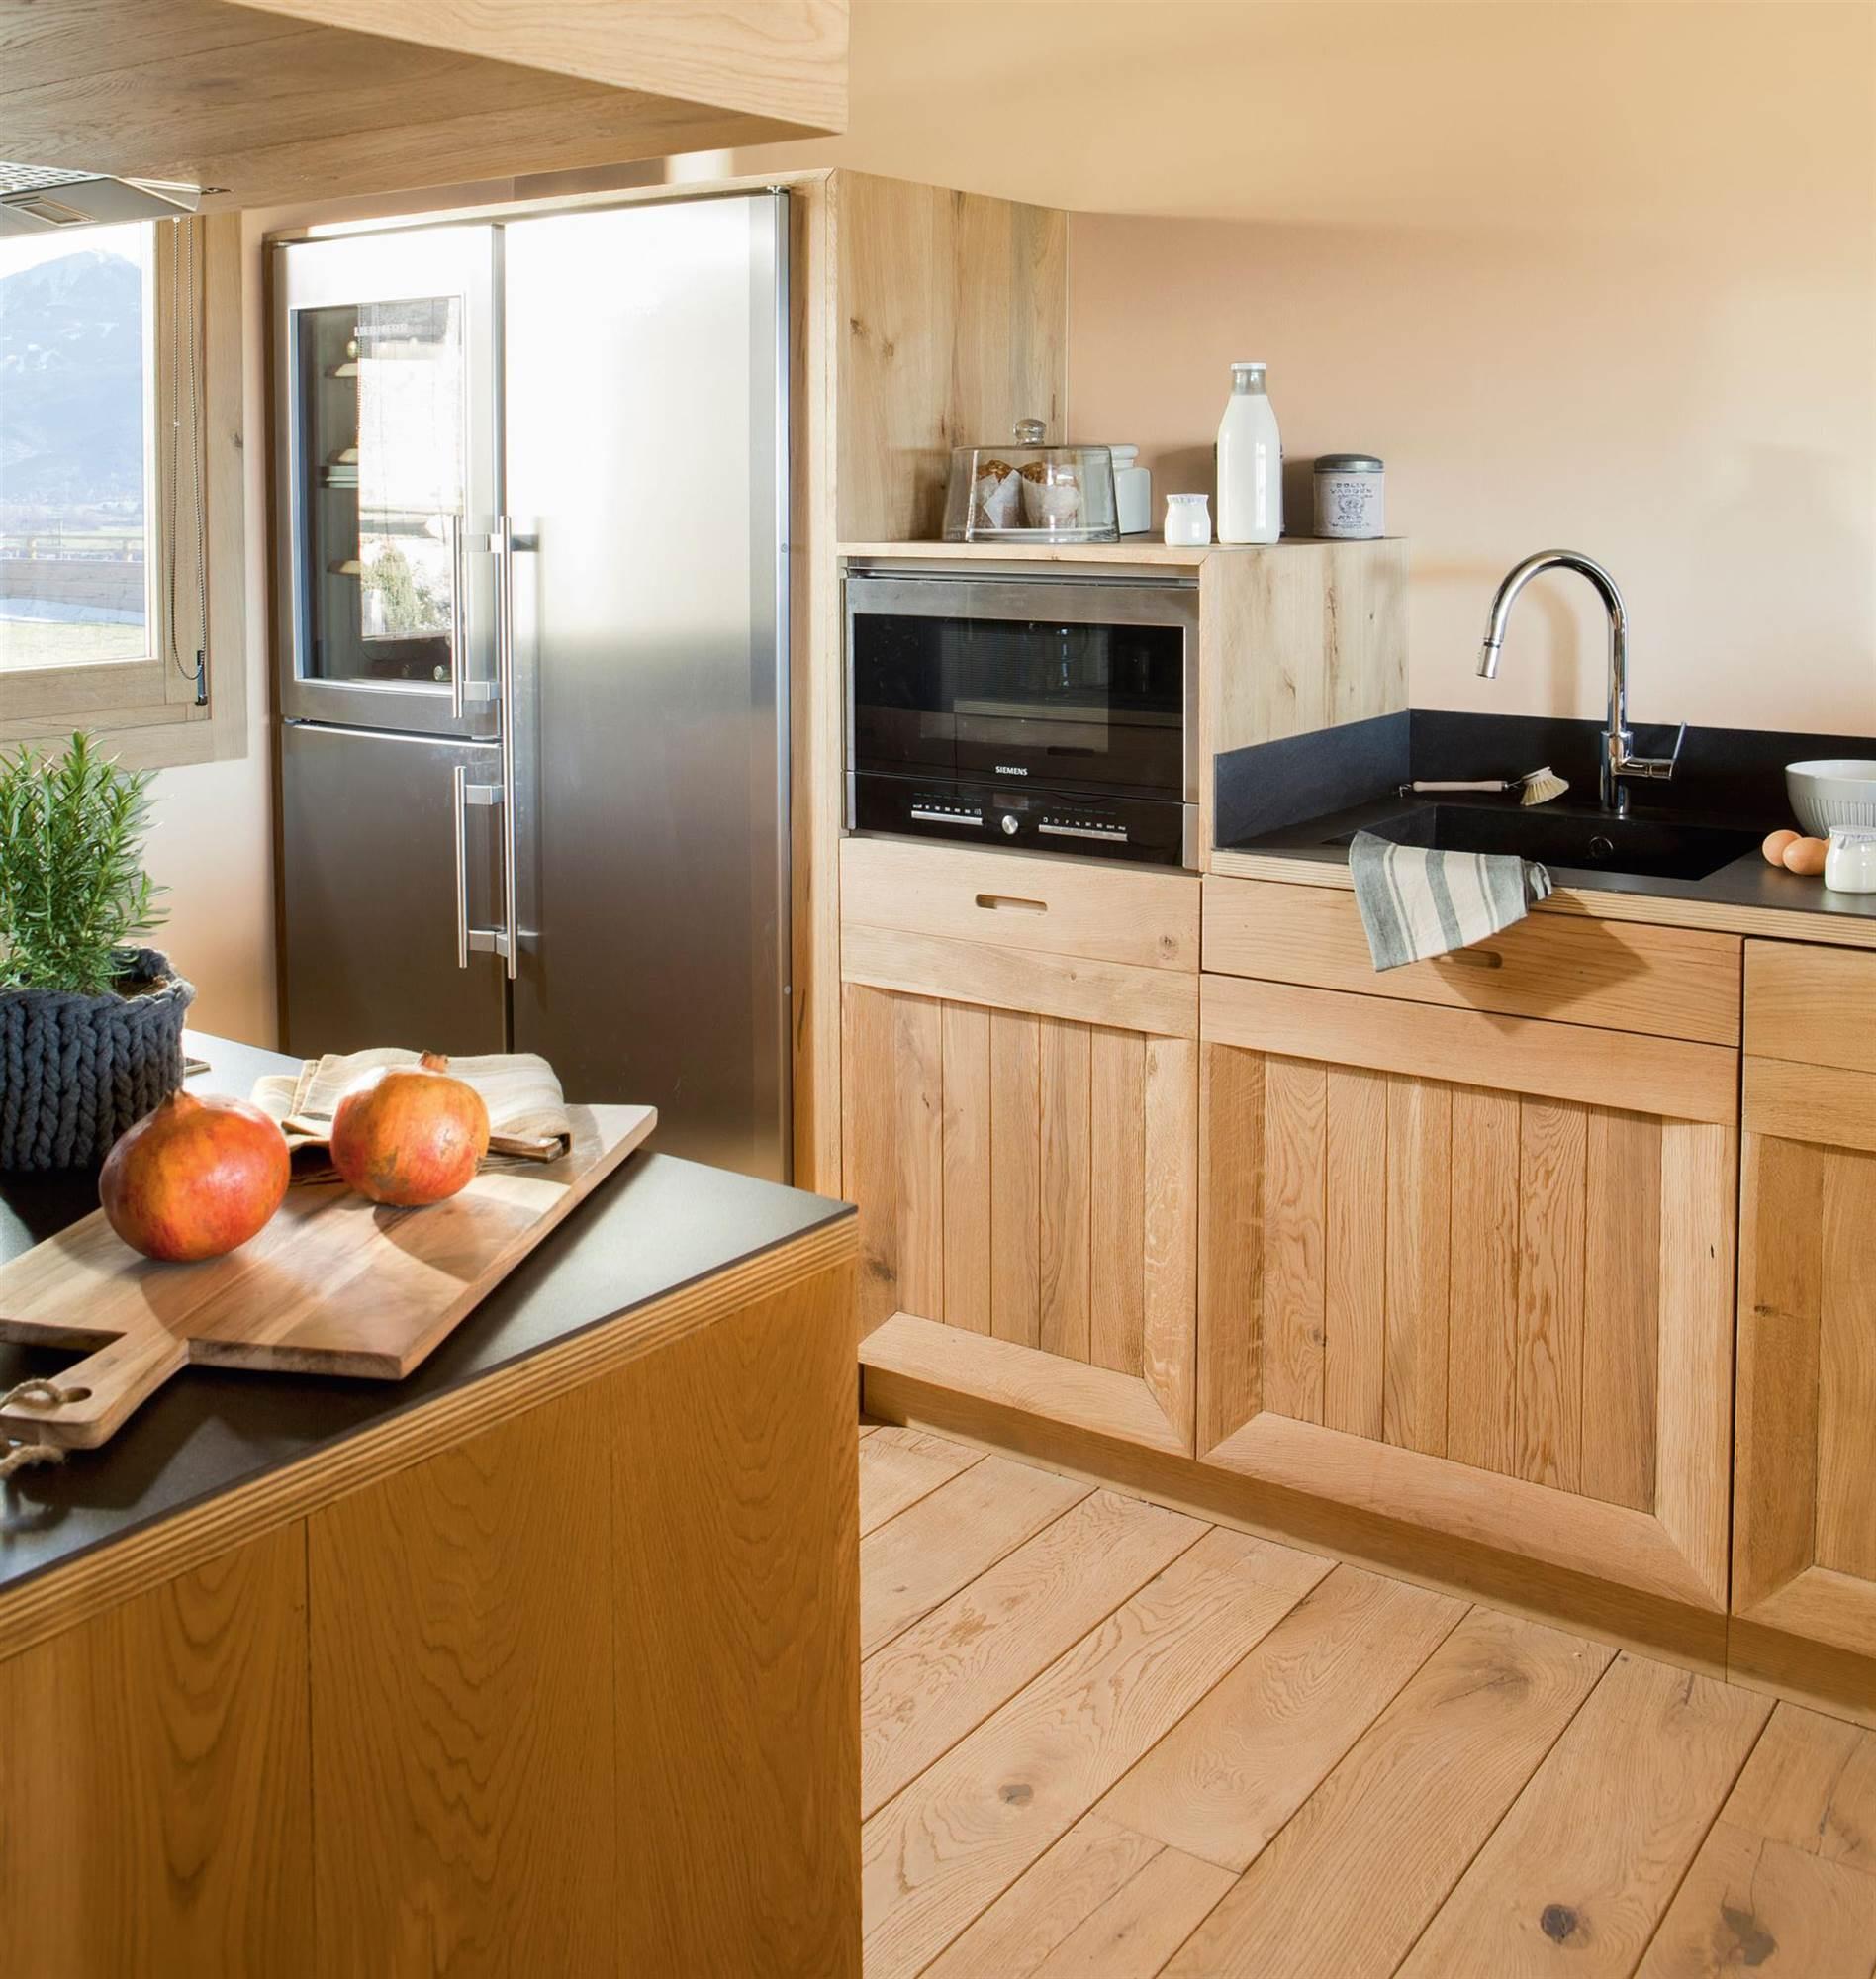 00397949. Cocina con mobiliario de madera_00397949